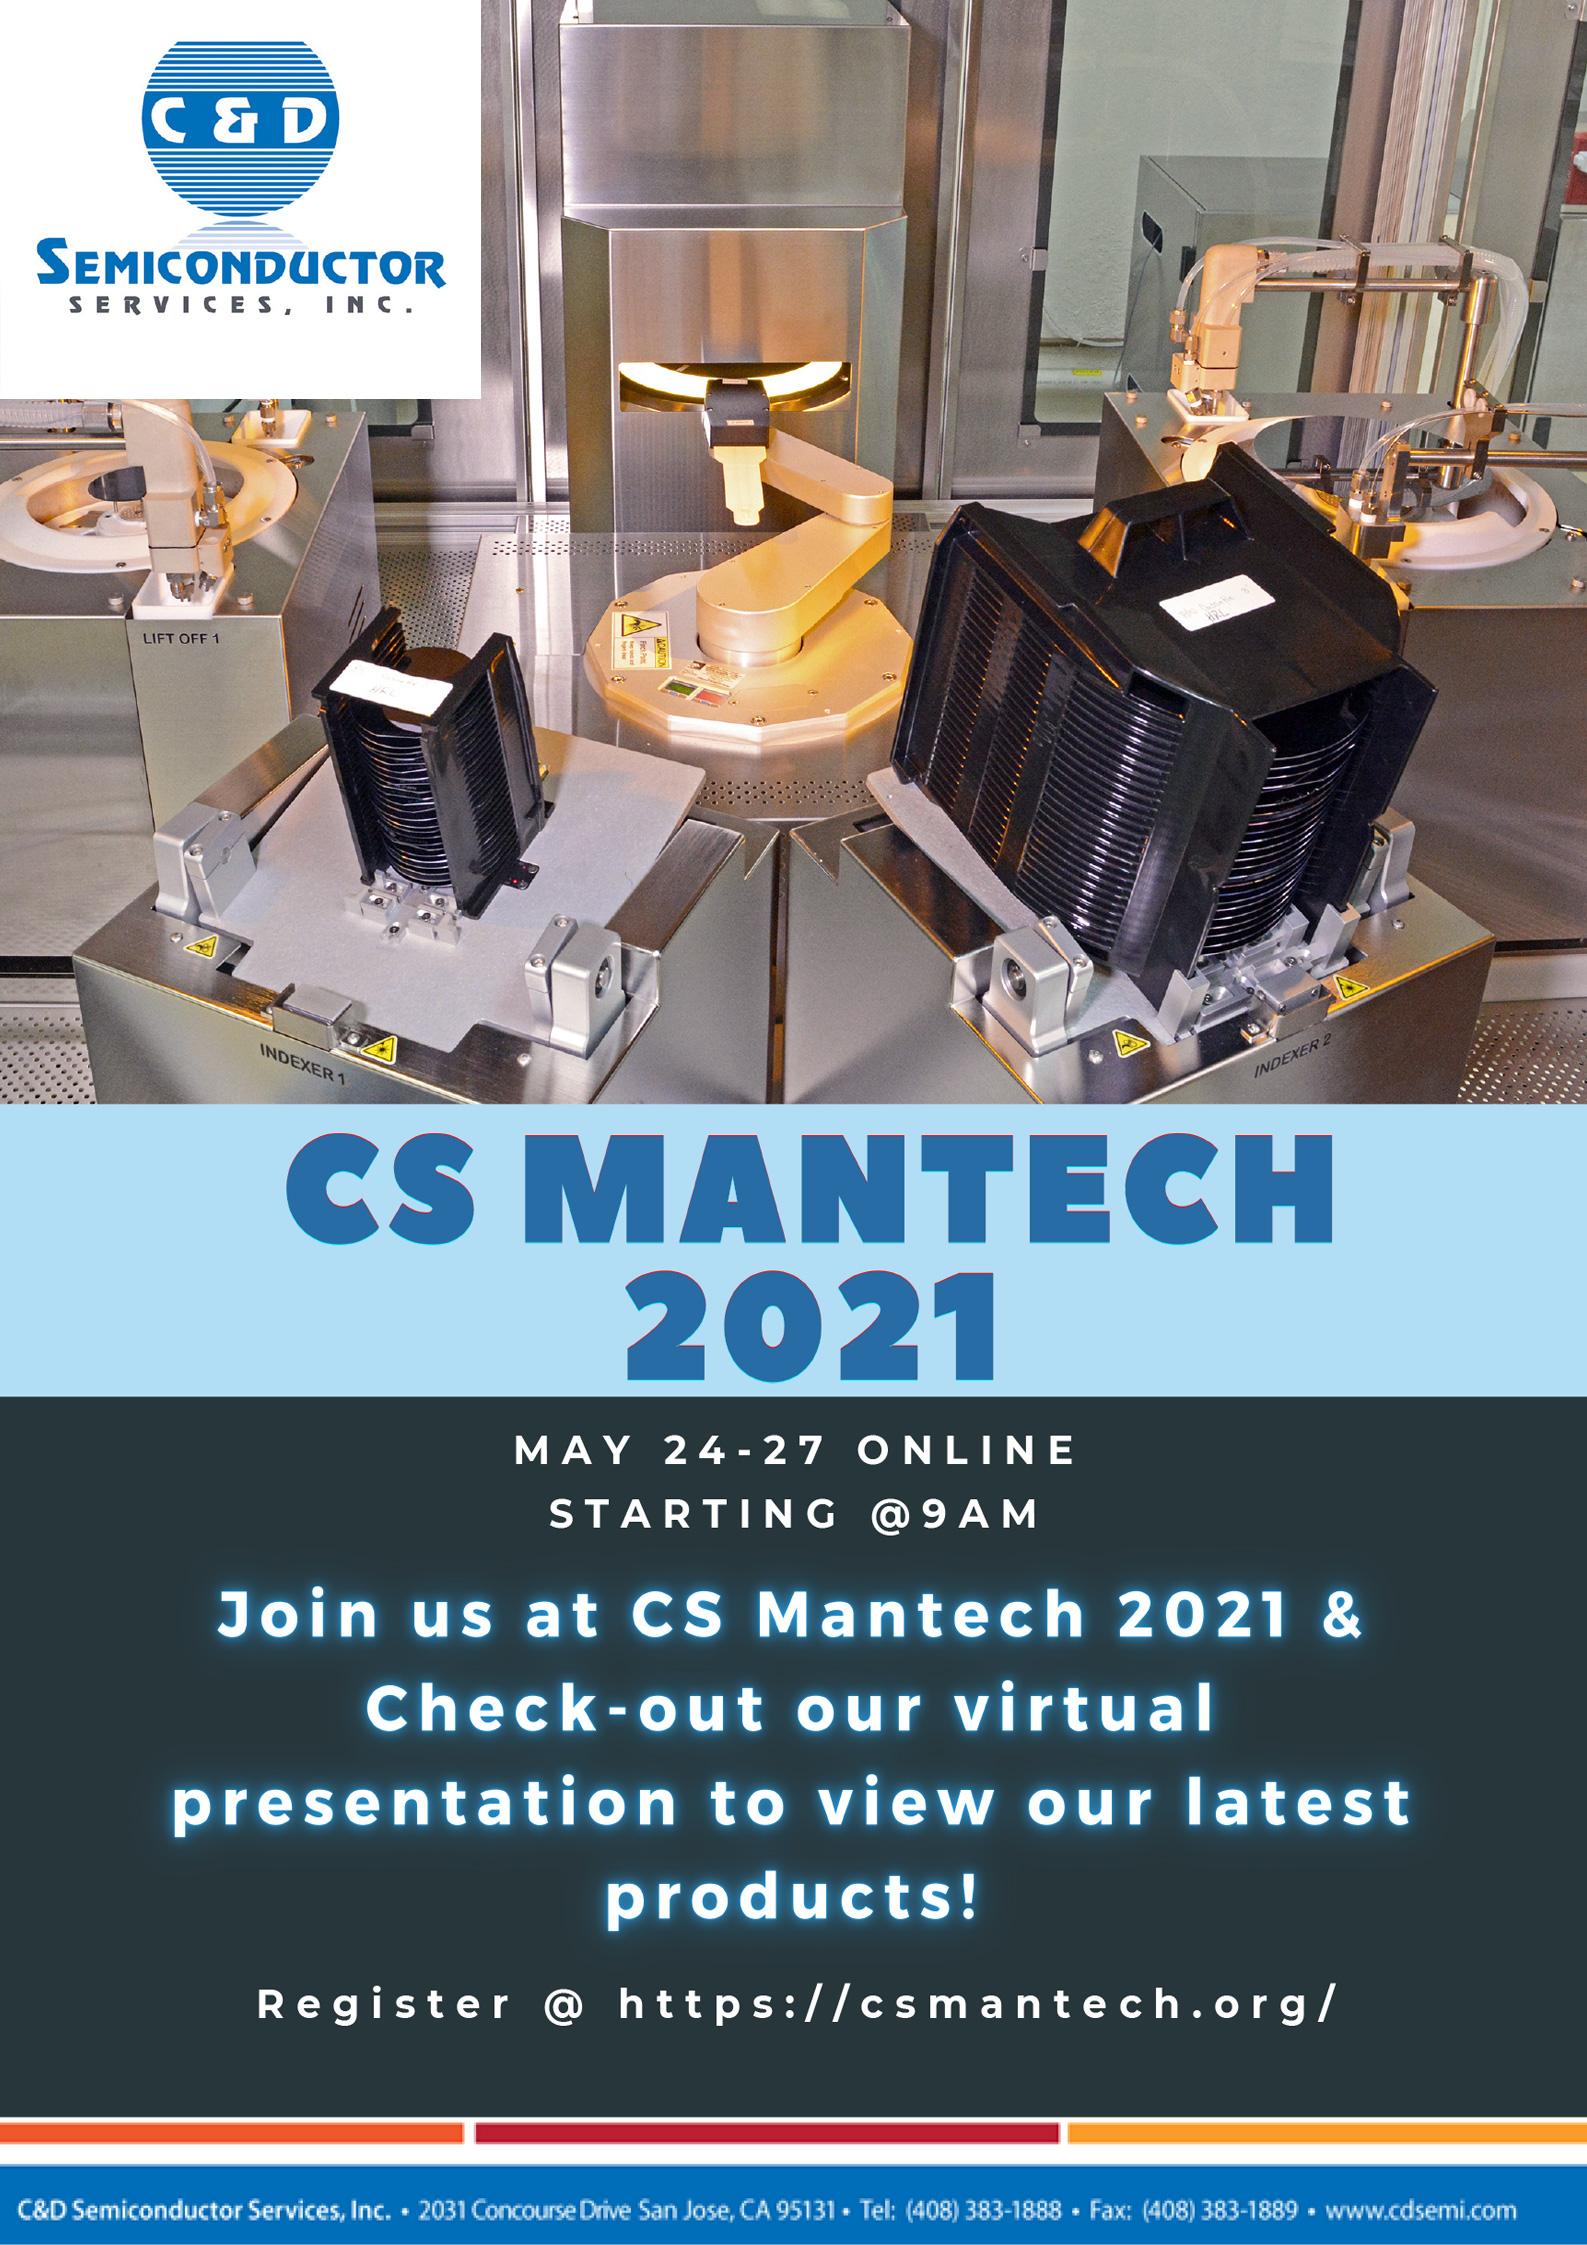 CS Mantech 2021